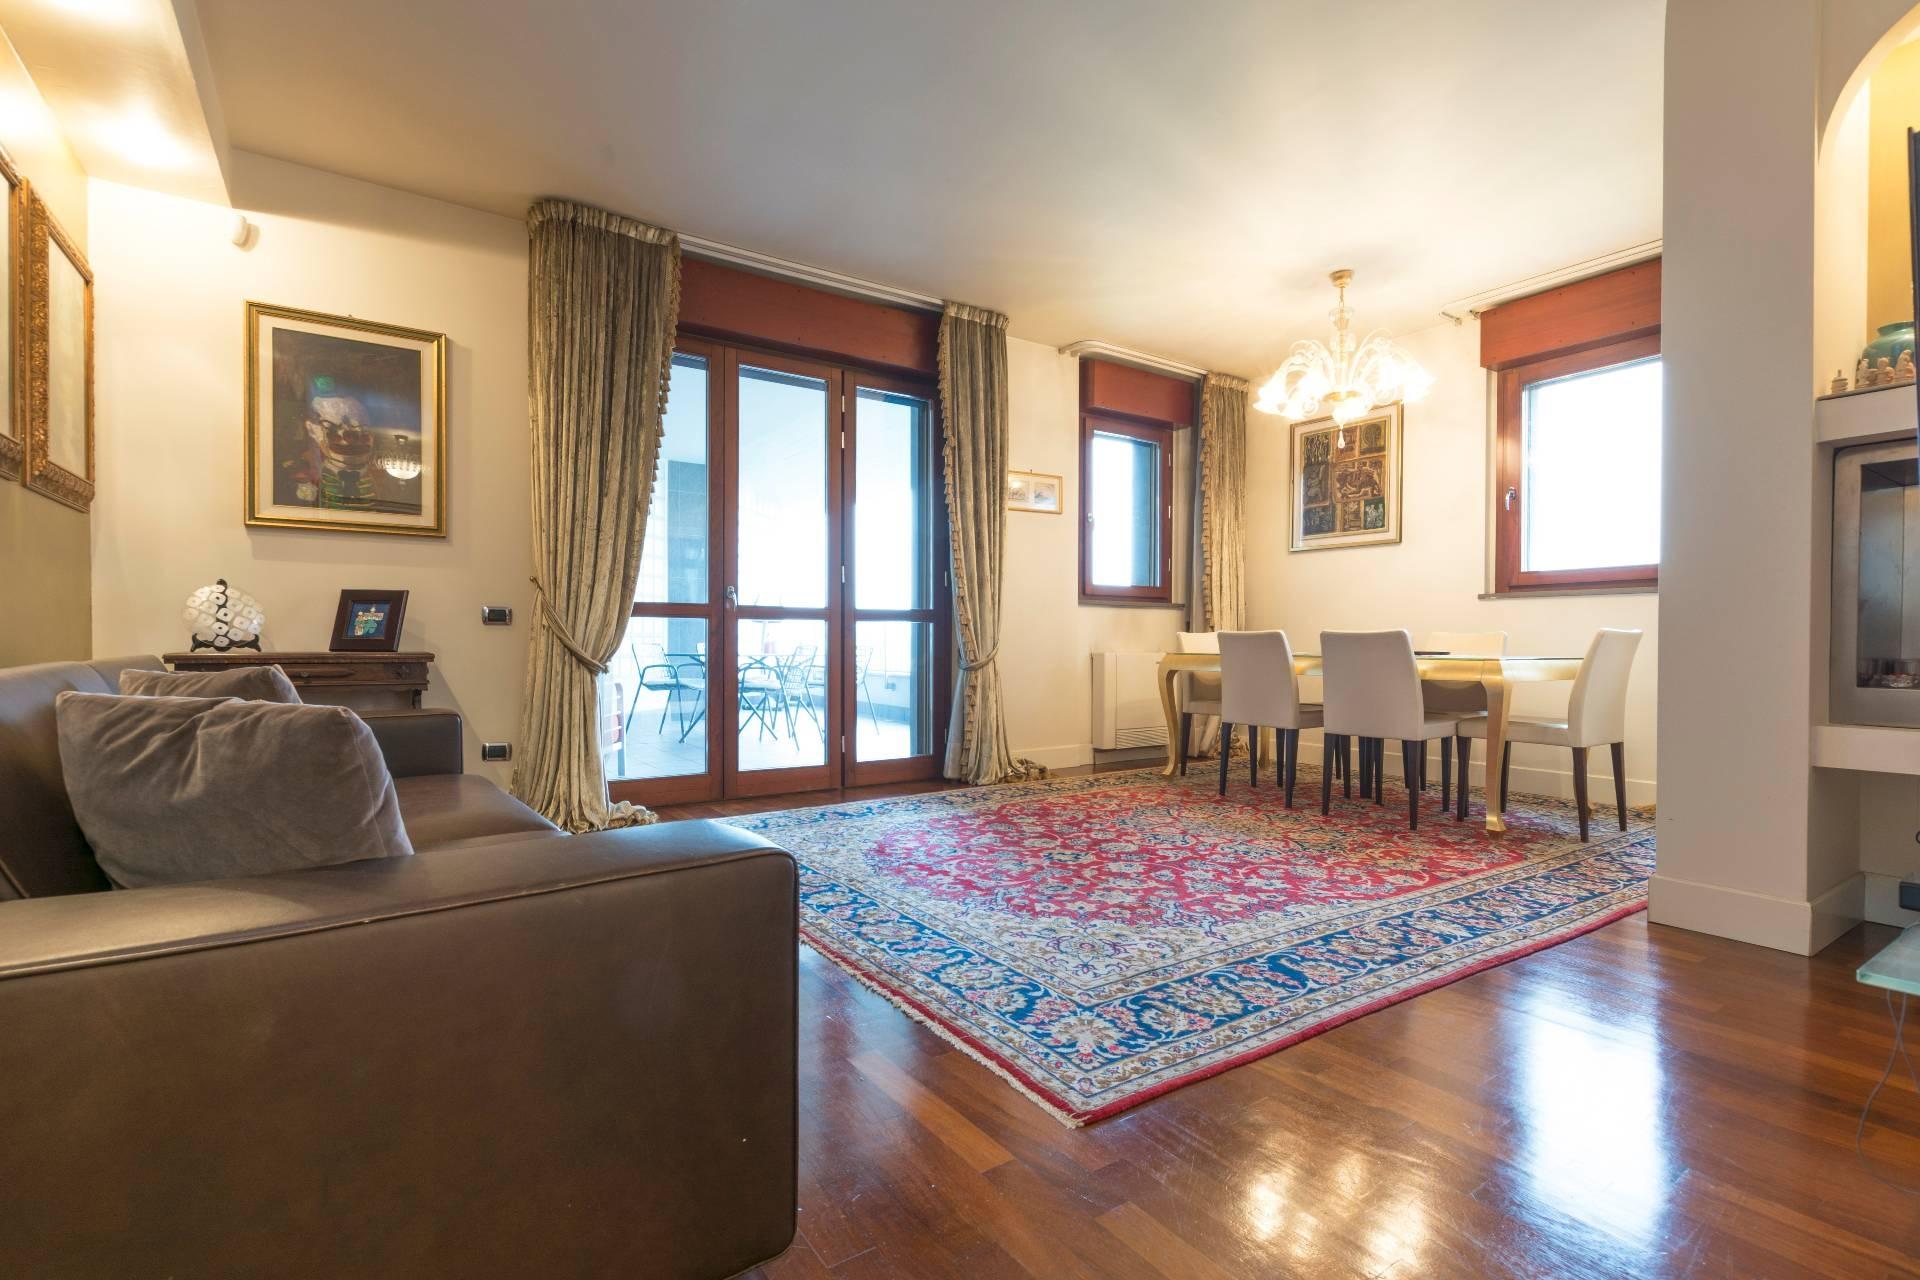 Appartamento in vendita a Milano, 4 locali, zona Località: Accursio, prezzo € 690.000 | CambioCasa.it